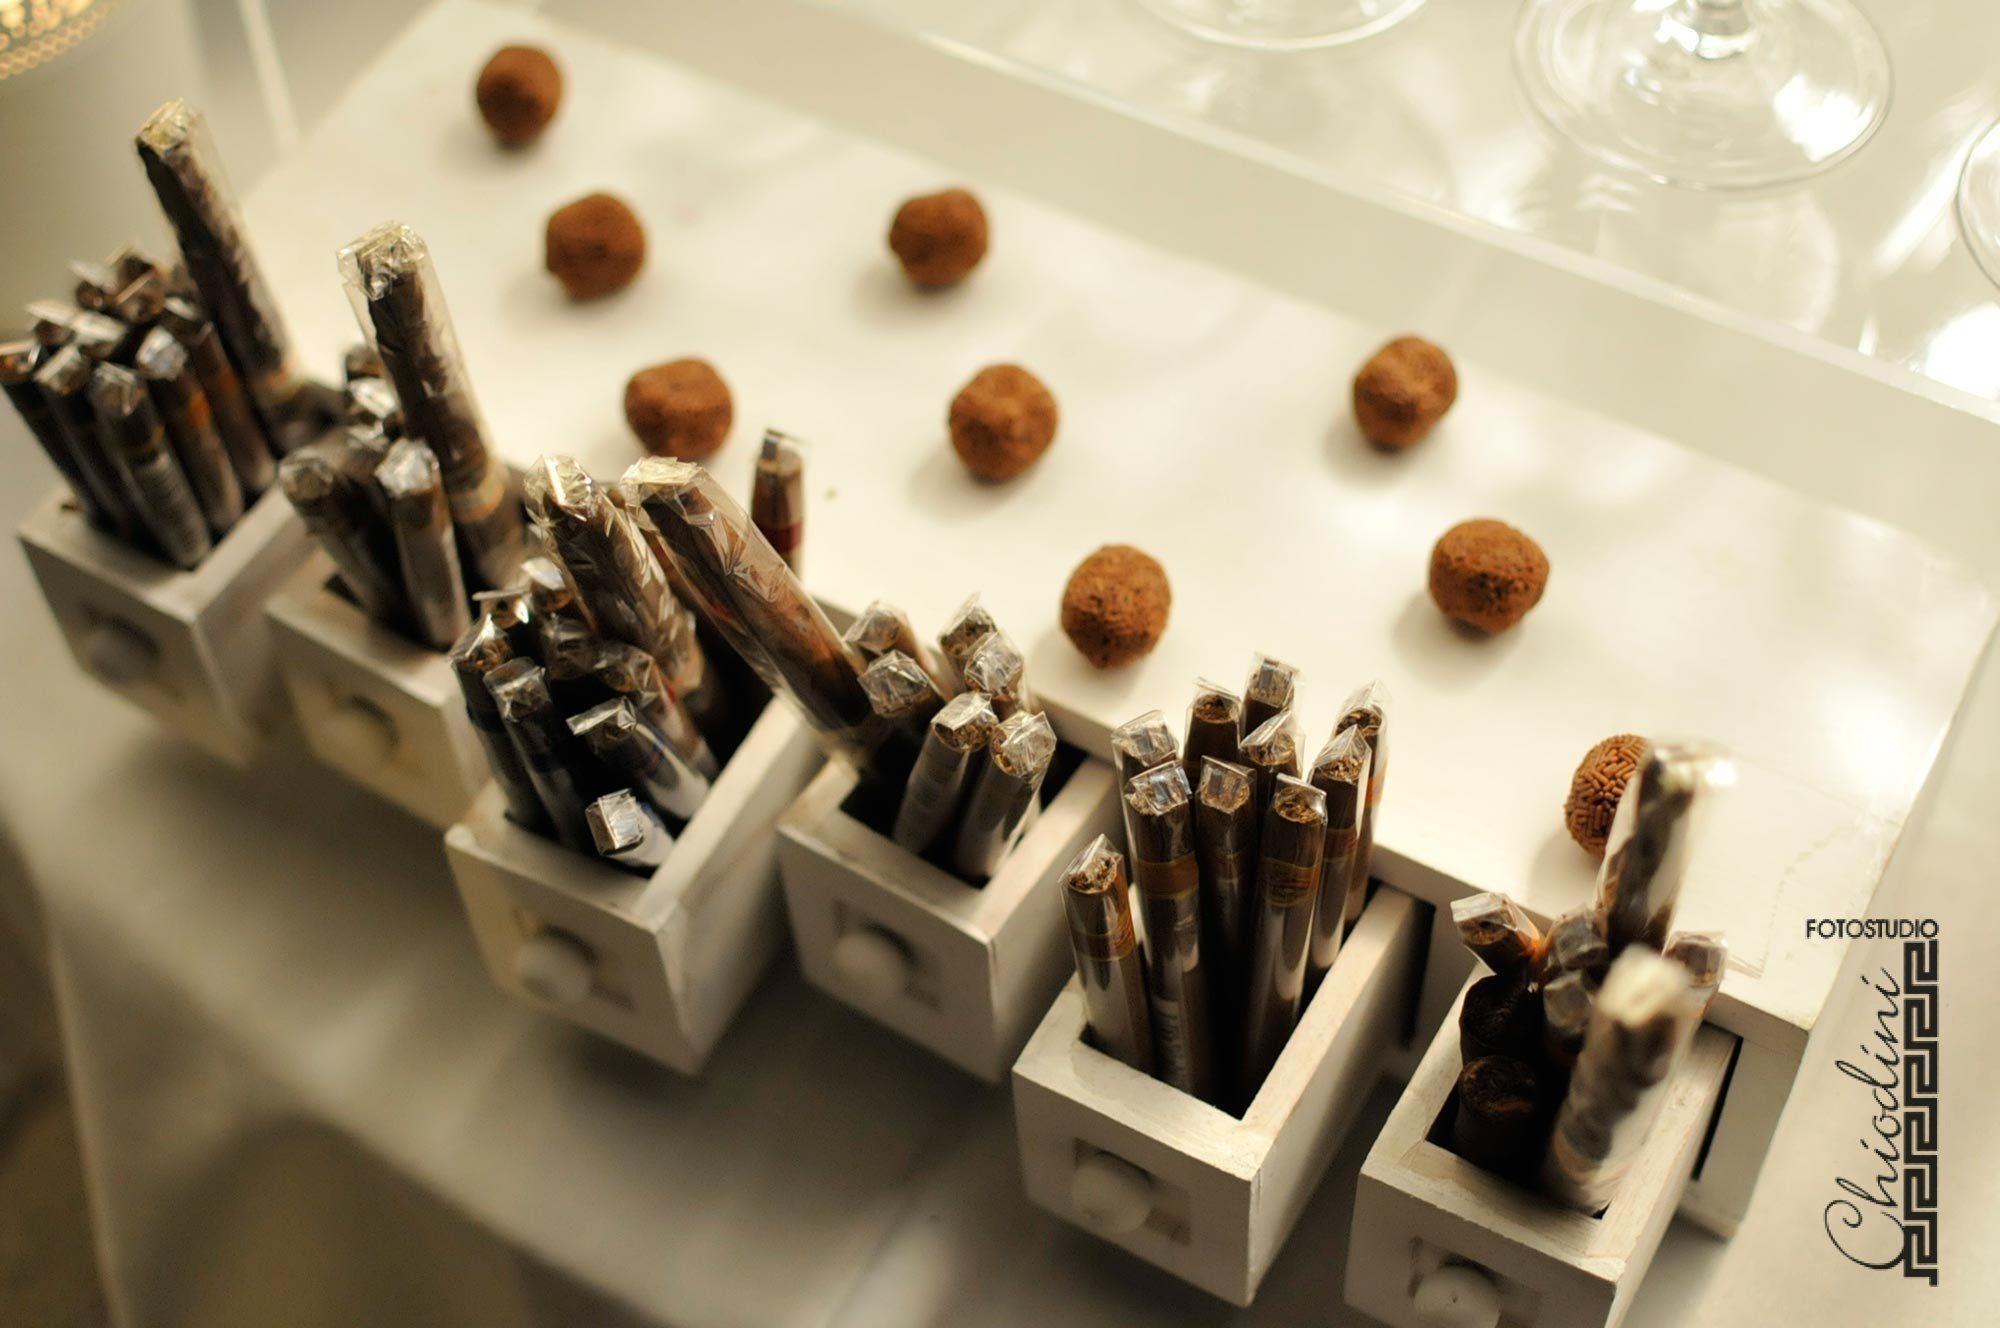 Fotografia di prodotti Matimonio di Deborah e Simone, Montecatini